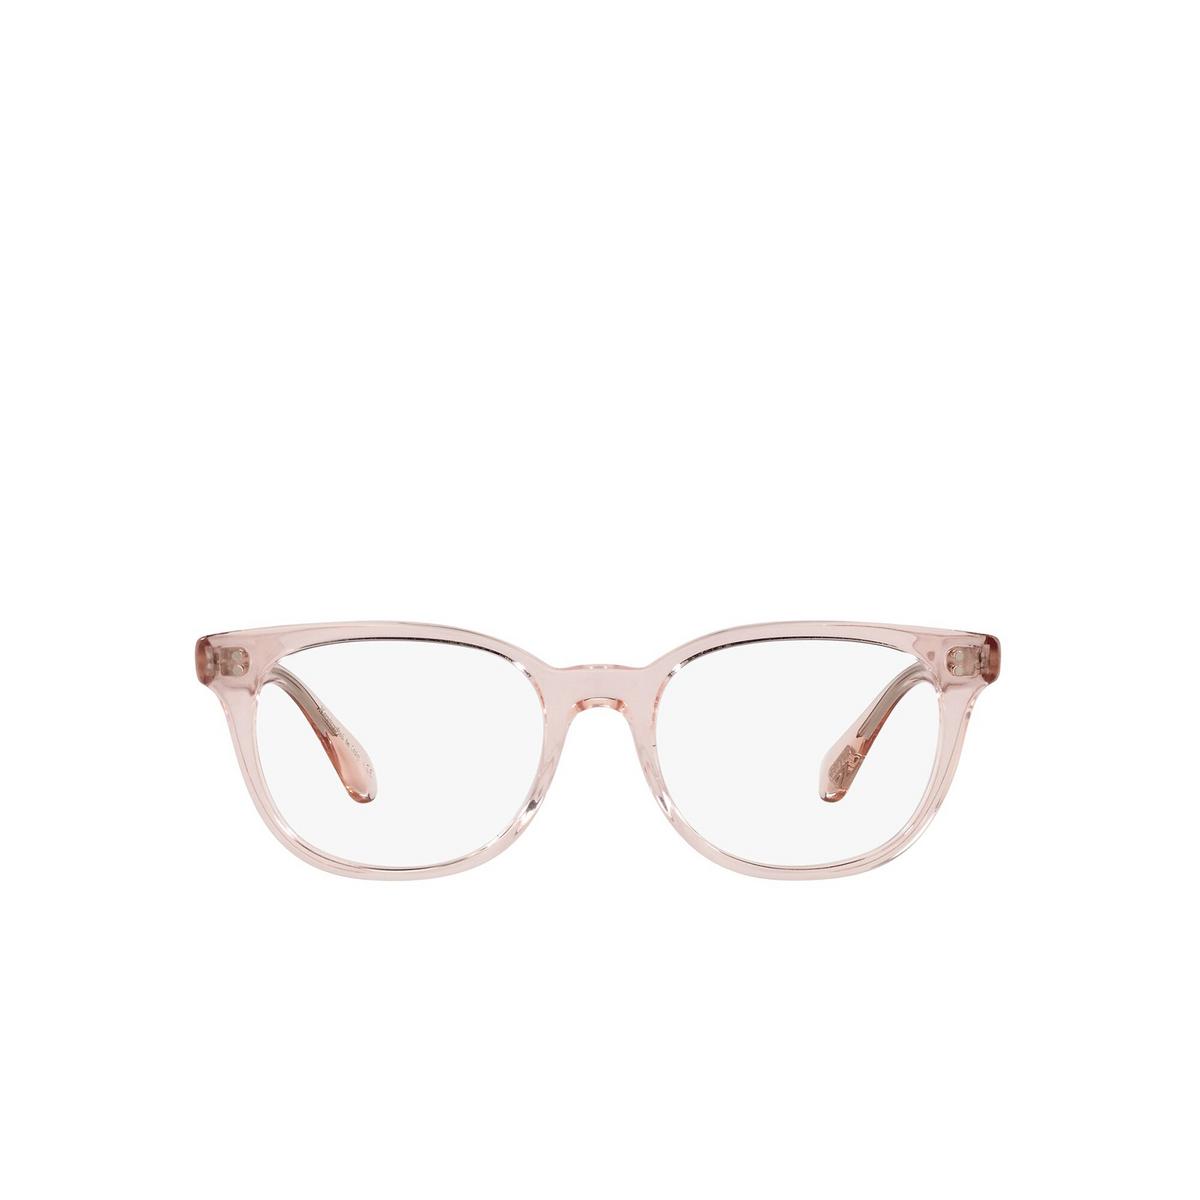 Oliver Peoples® Cat-eye Eyeglasses: Hildie OV5457U color Silk 1652 - front view.